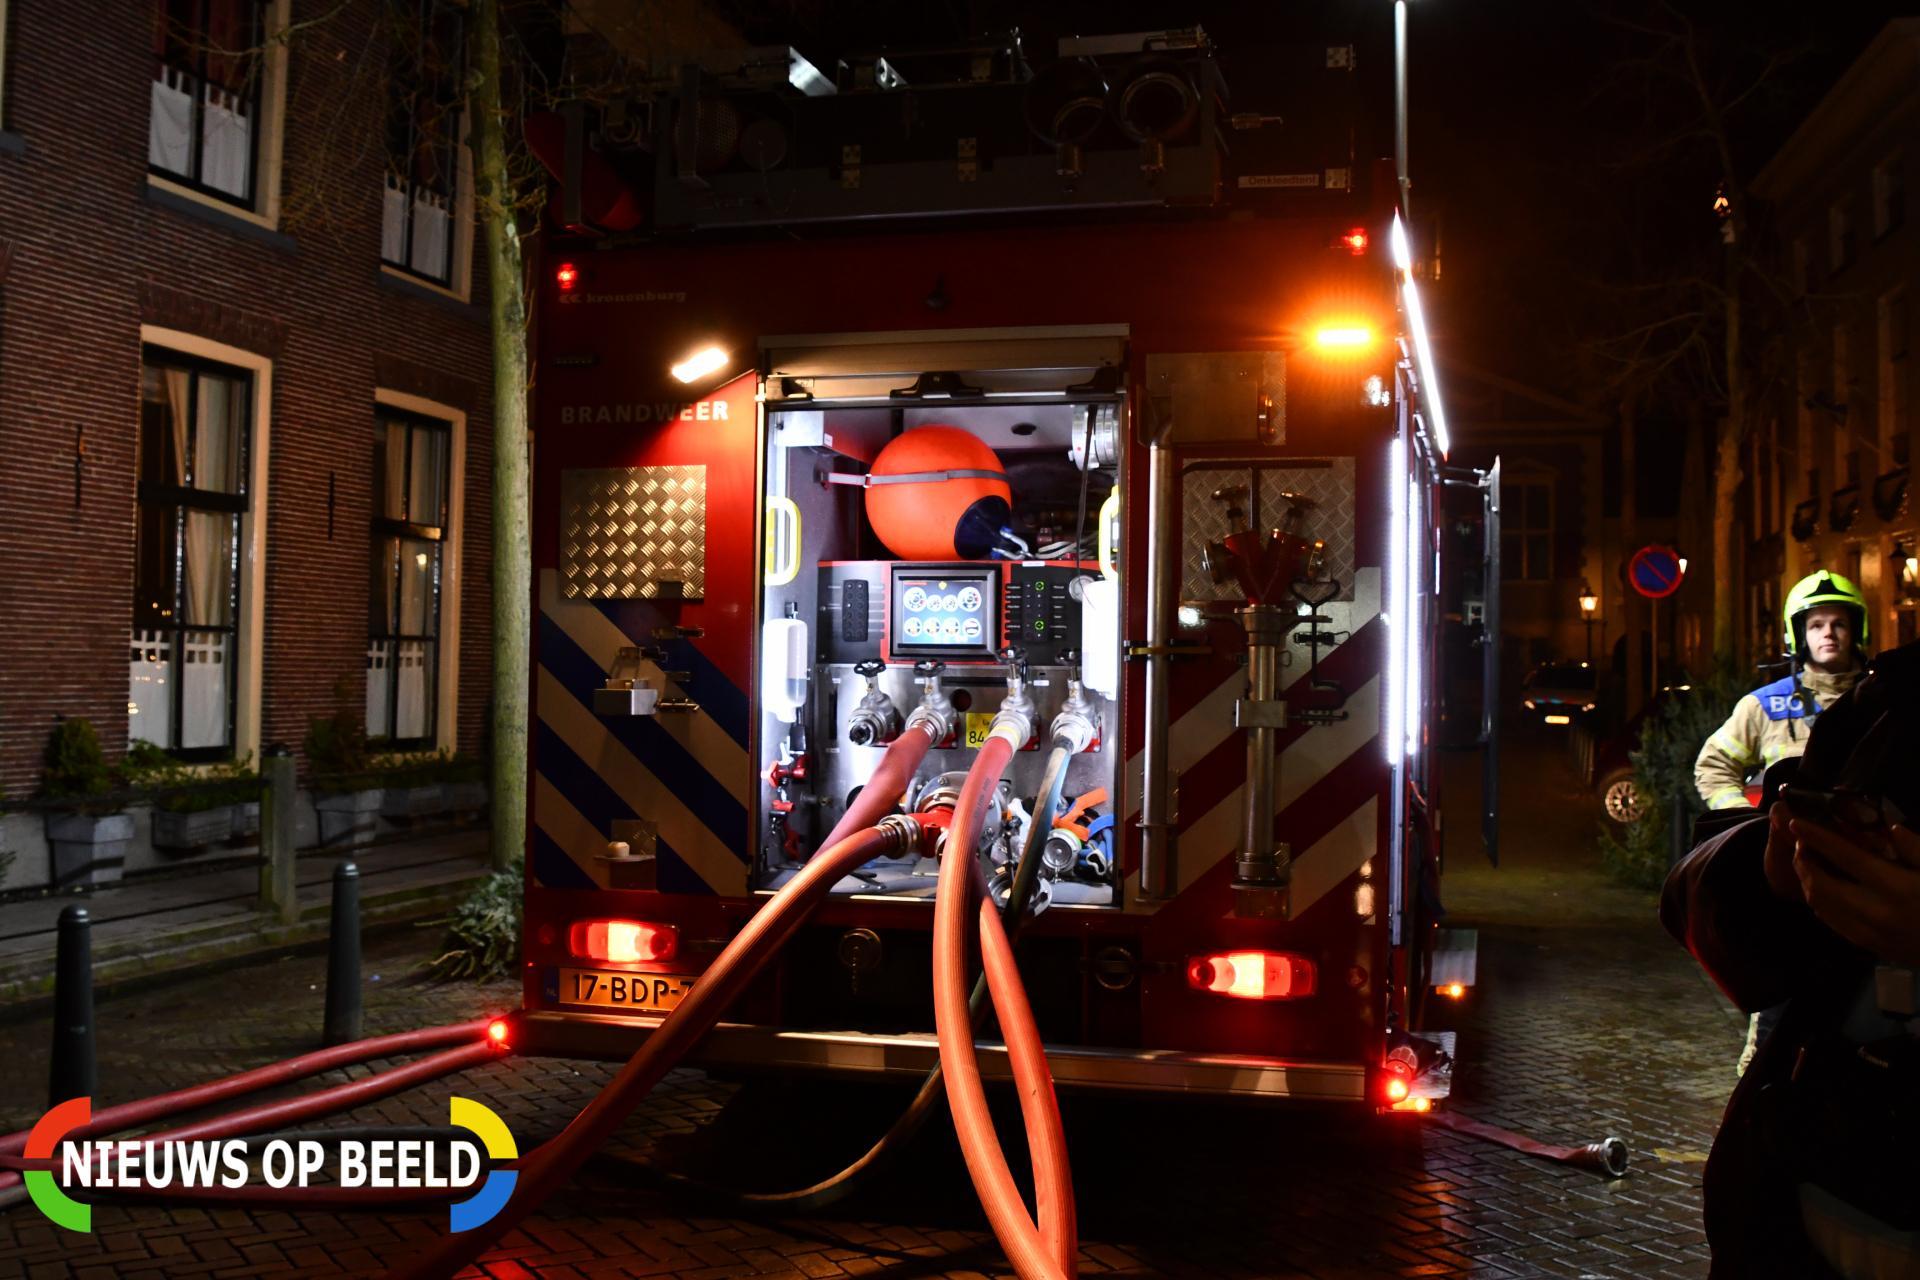 Grote brand historisch pand, brand moeilijk te bestrijden Voorstraat Middelharnis